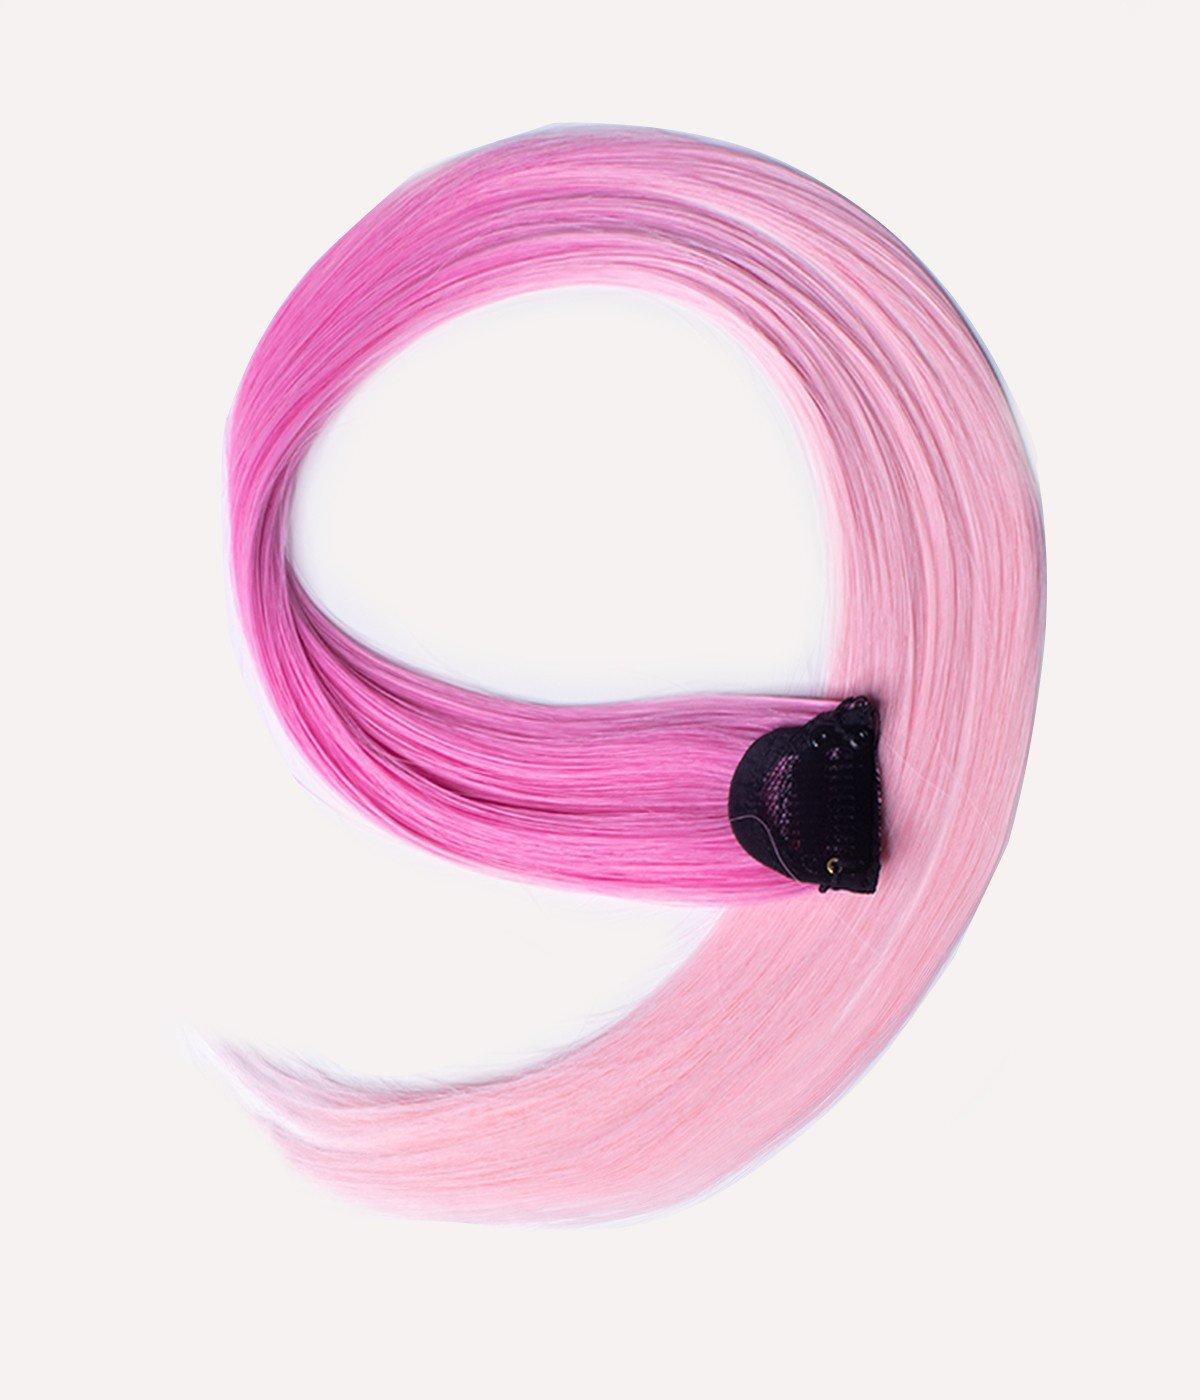 H1010 Peach Pink